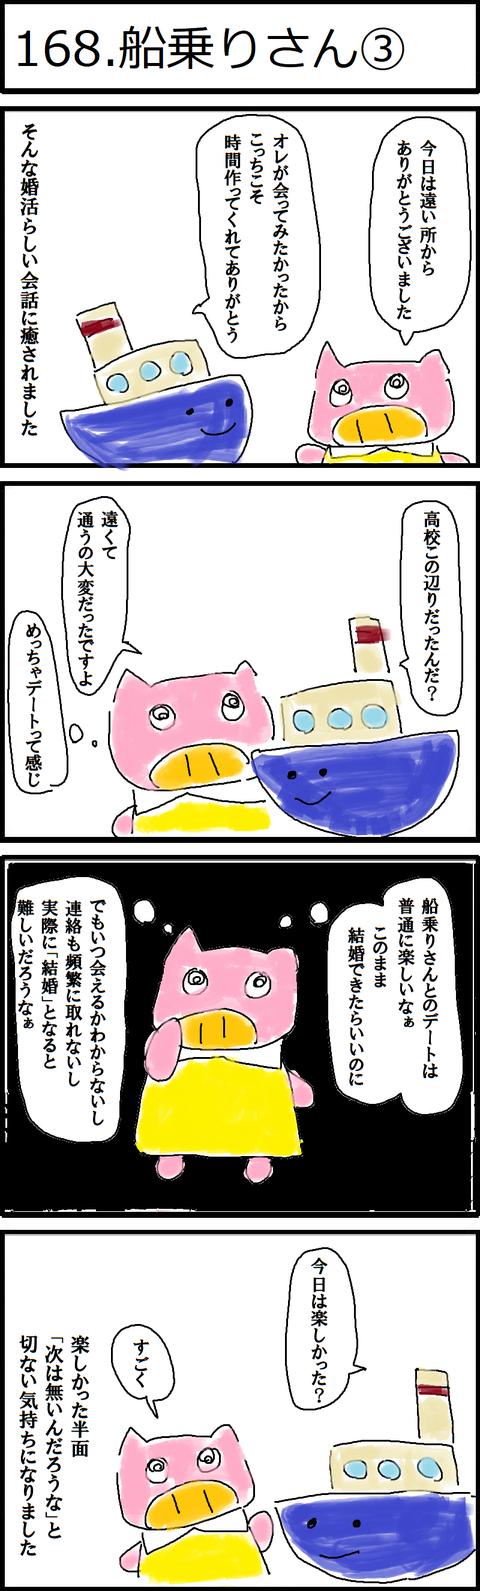 168.船乗りさん③